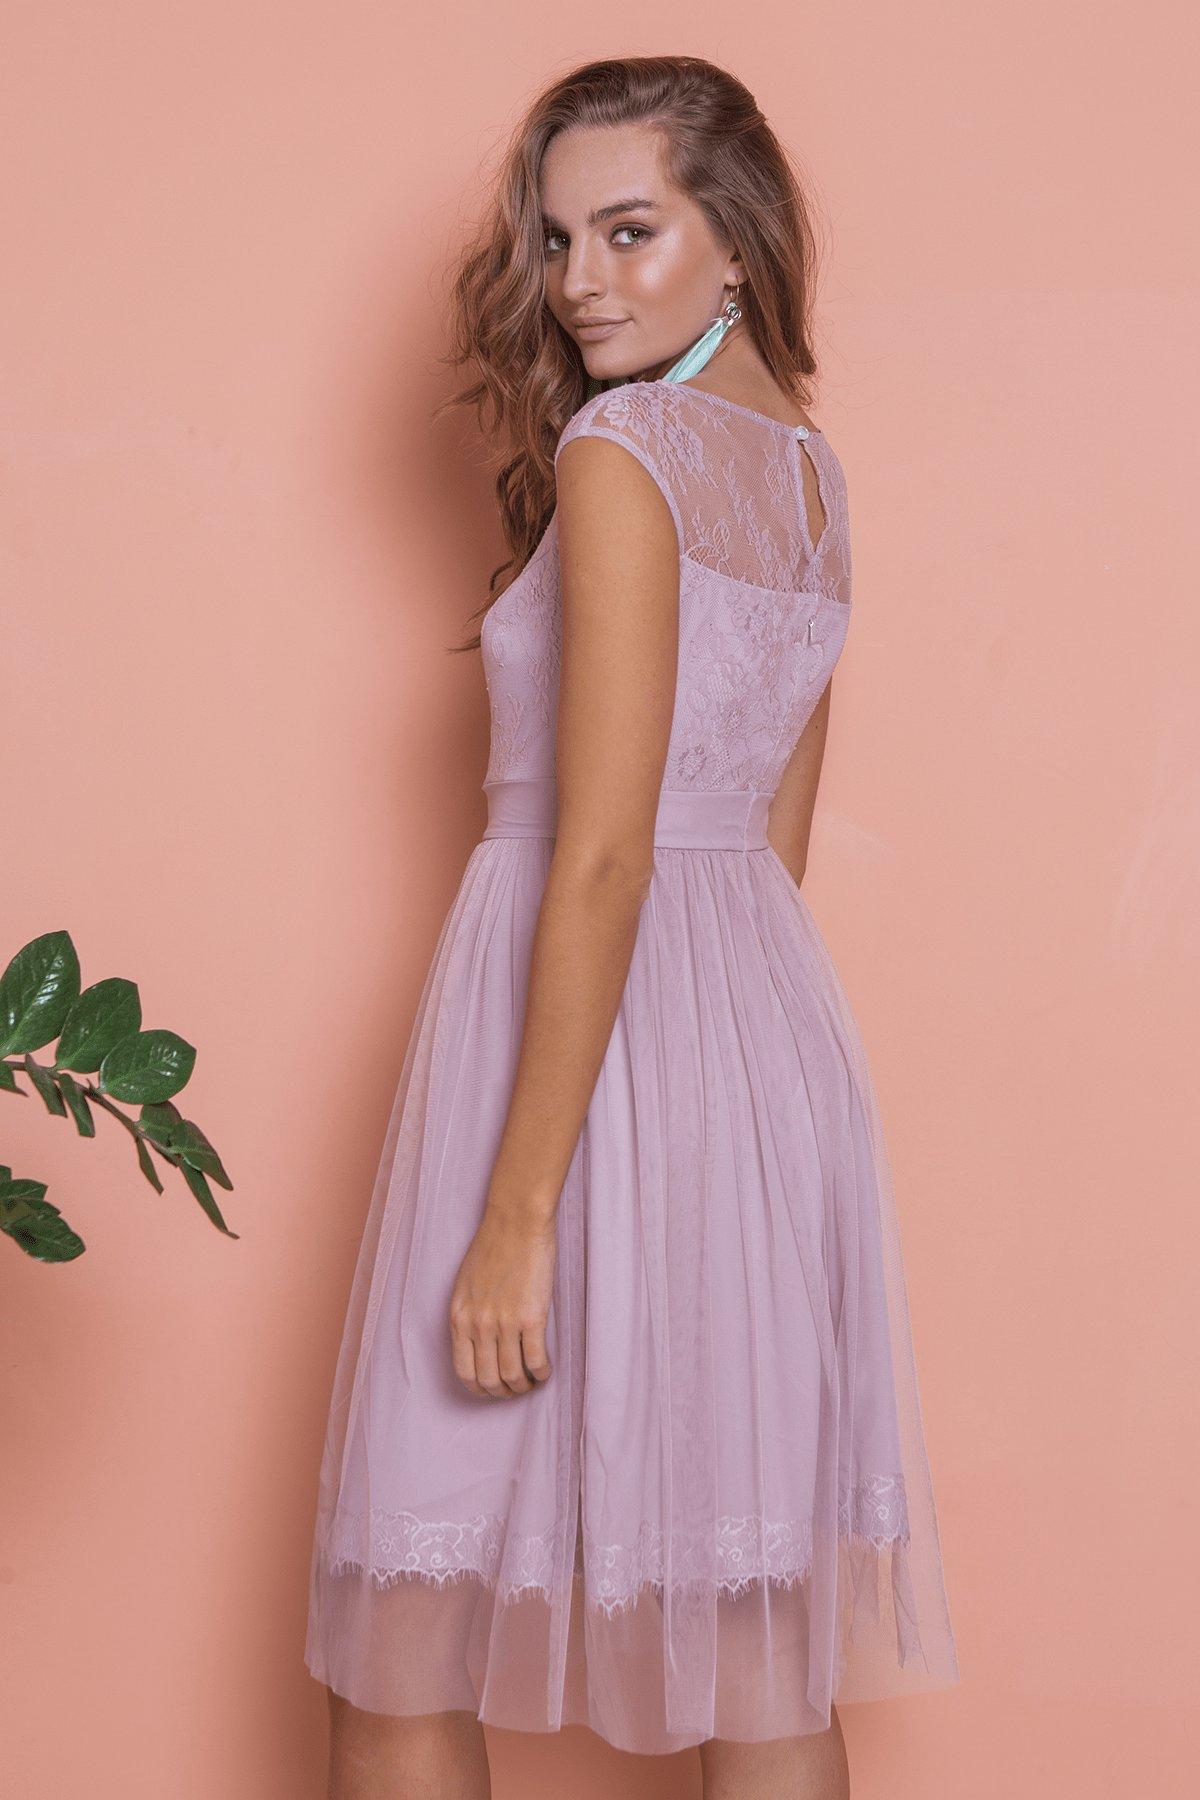 Платье Амур 6872 АРТ. 41986 Цвет: Серо-голубой/серо-голубой - фото 8, интернет магазин tm-modus.ru